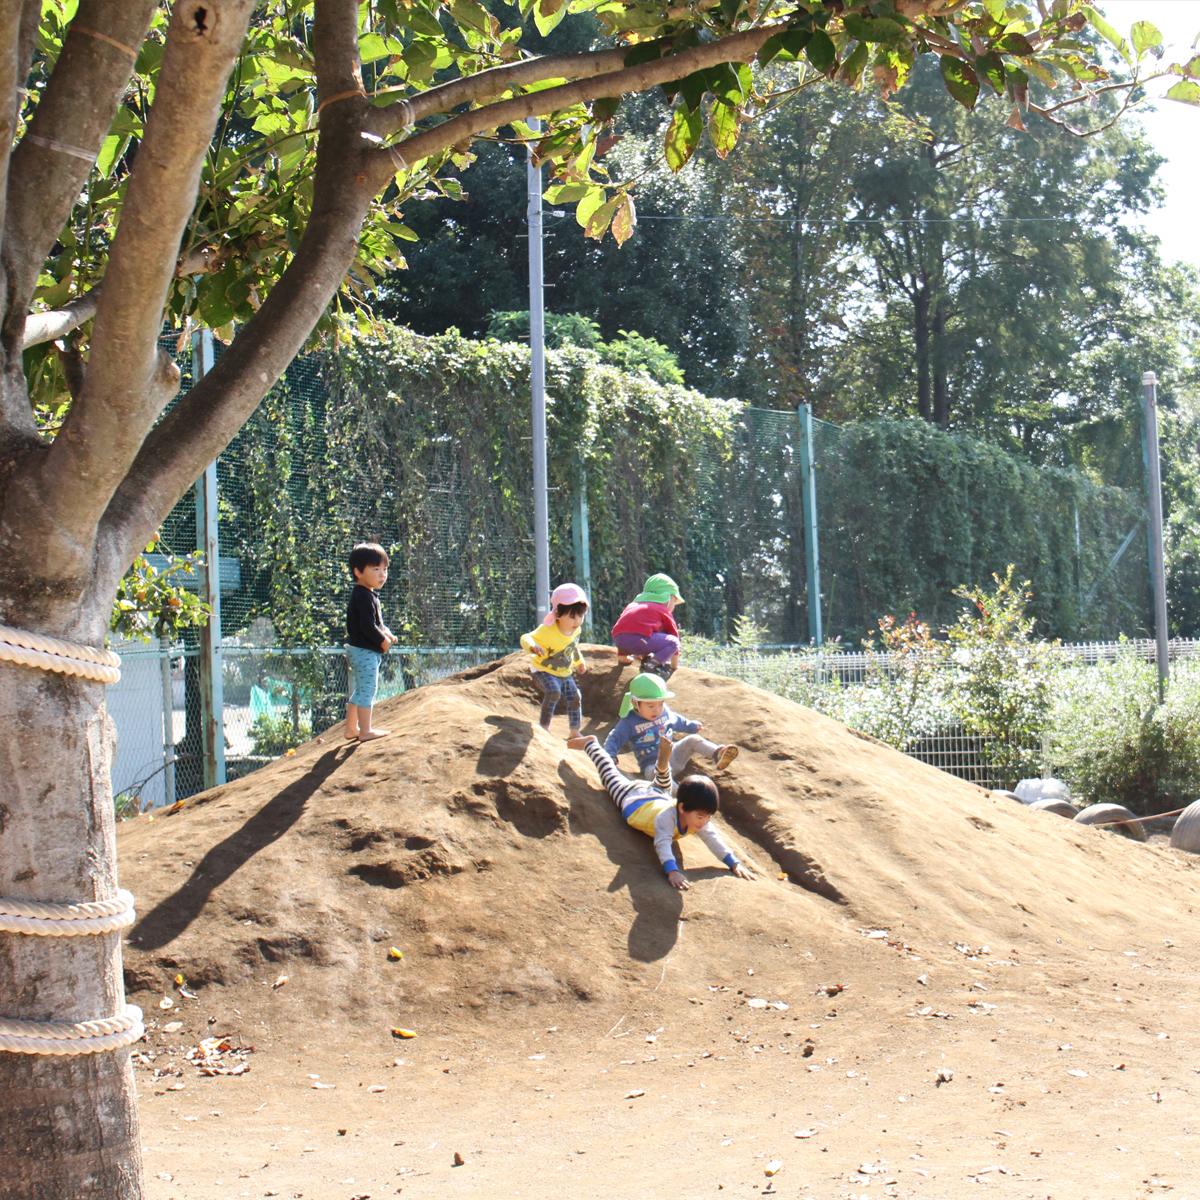 所沢市のあかね保育園の午後の遊びの画像